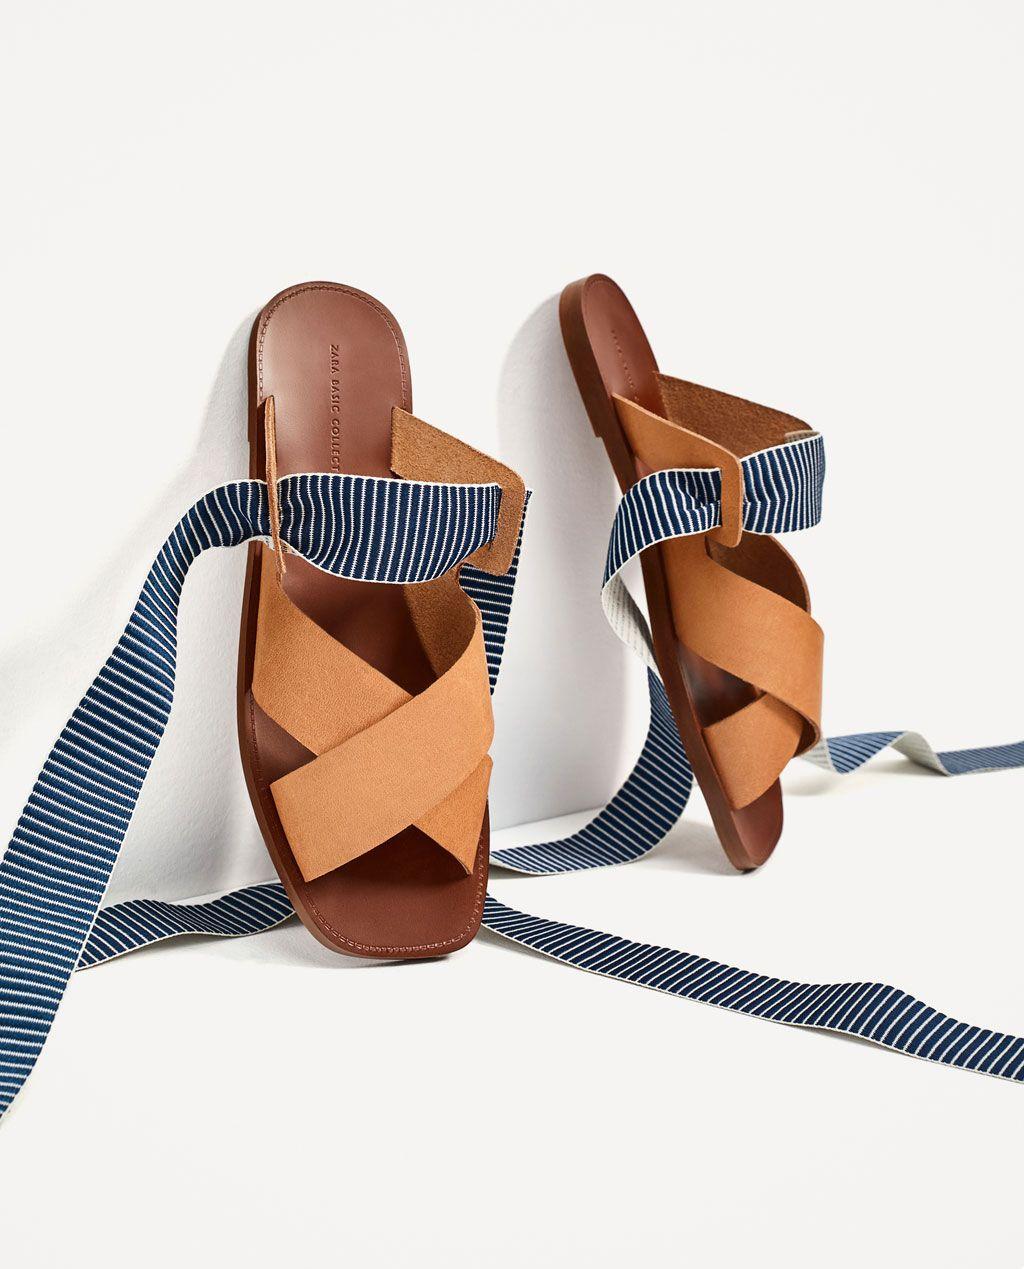 image 1 de chaussures plates en cuir avec rubans Échangeables de